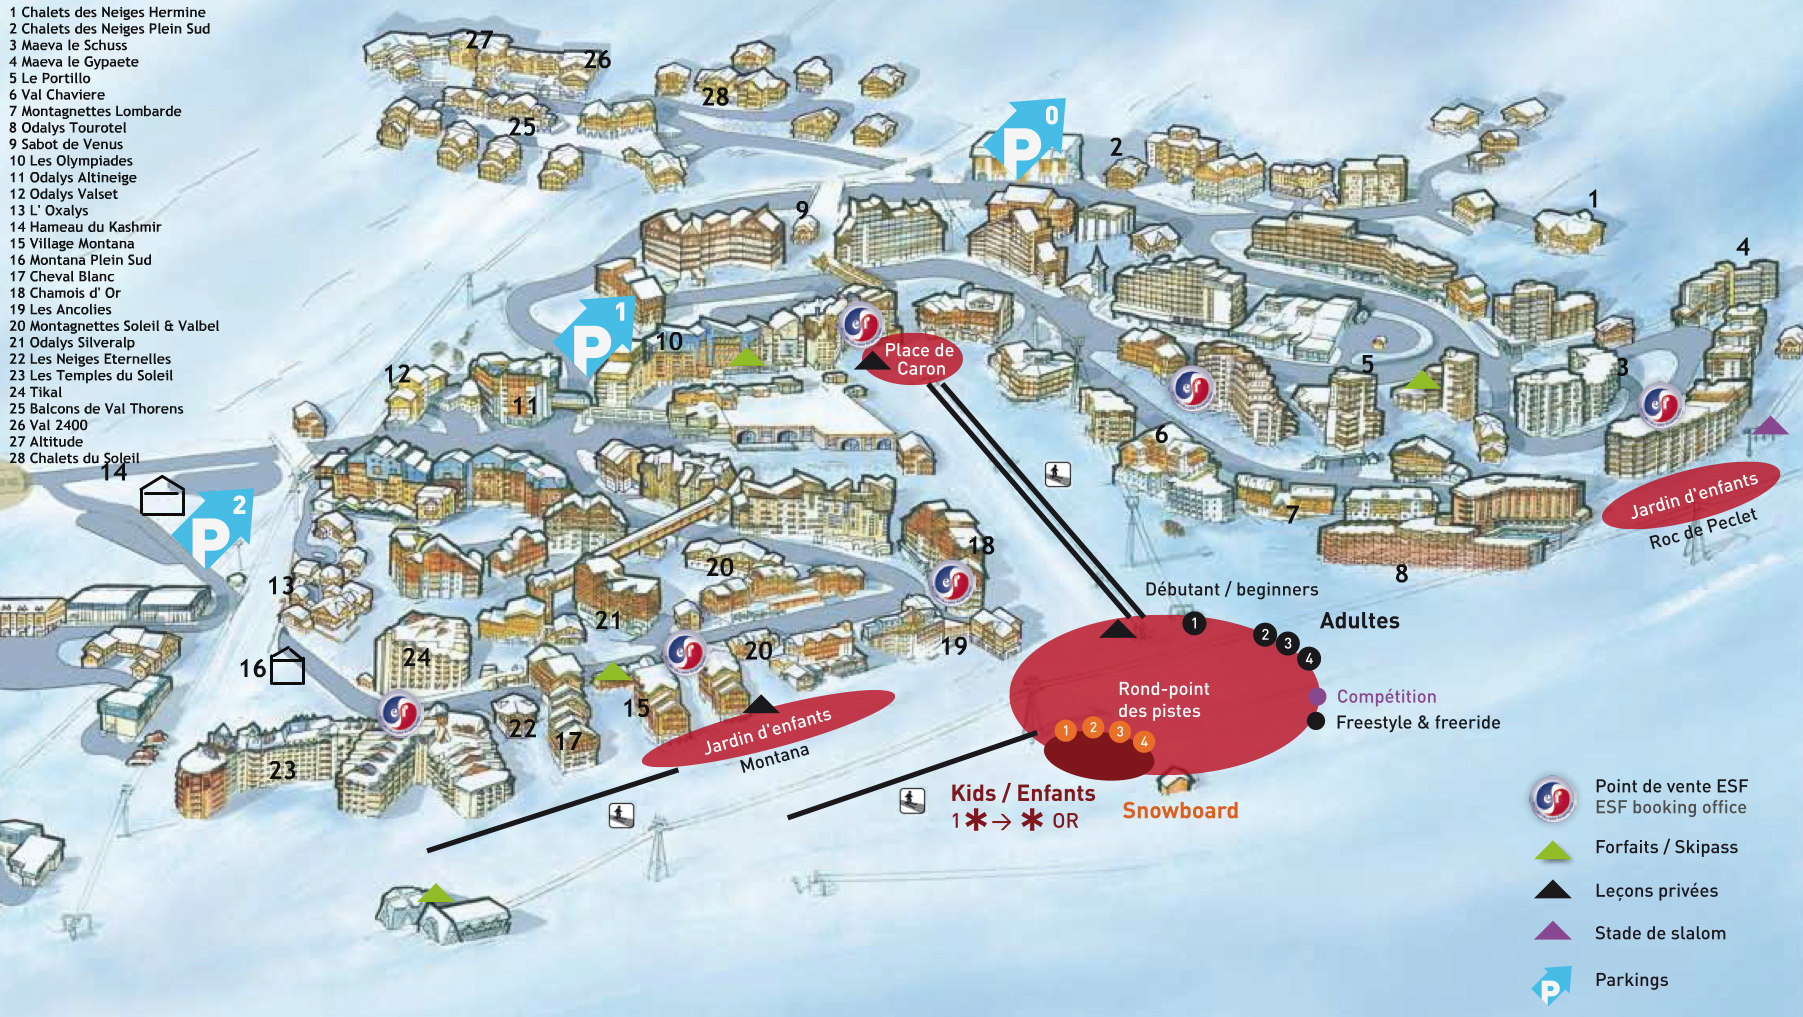 Village map